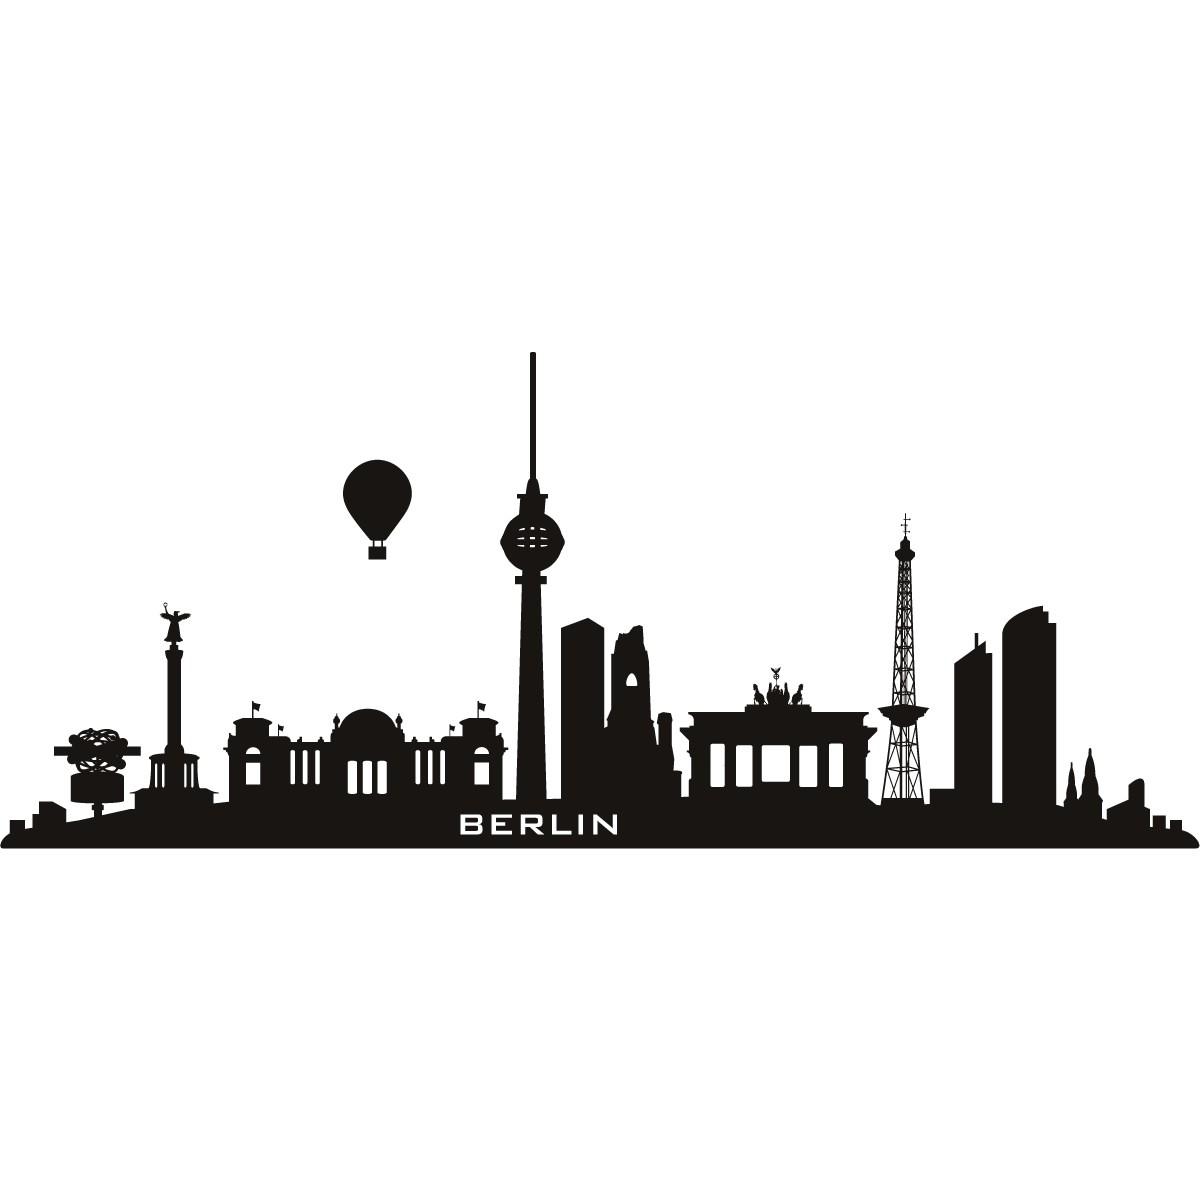 Berlin Reise Berlin Berlin Reise In 2020 Berlin Skyline Stadt Wallpaper Wandkunst